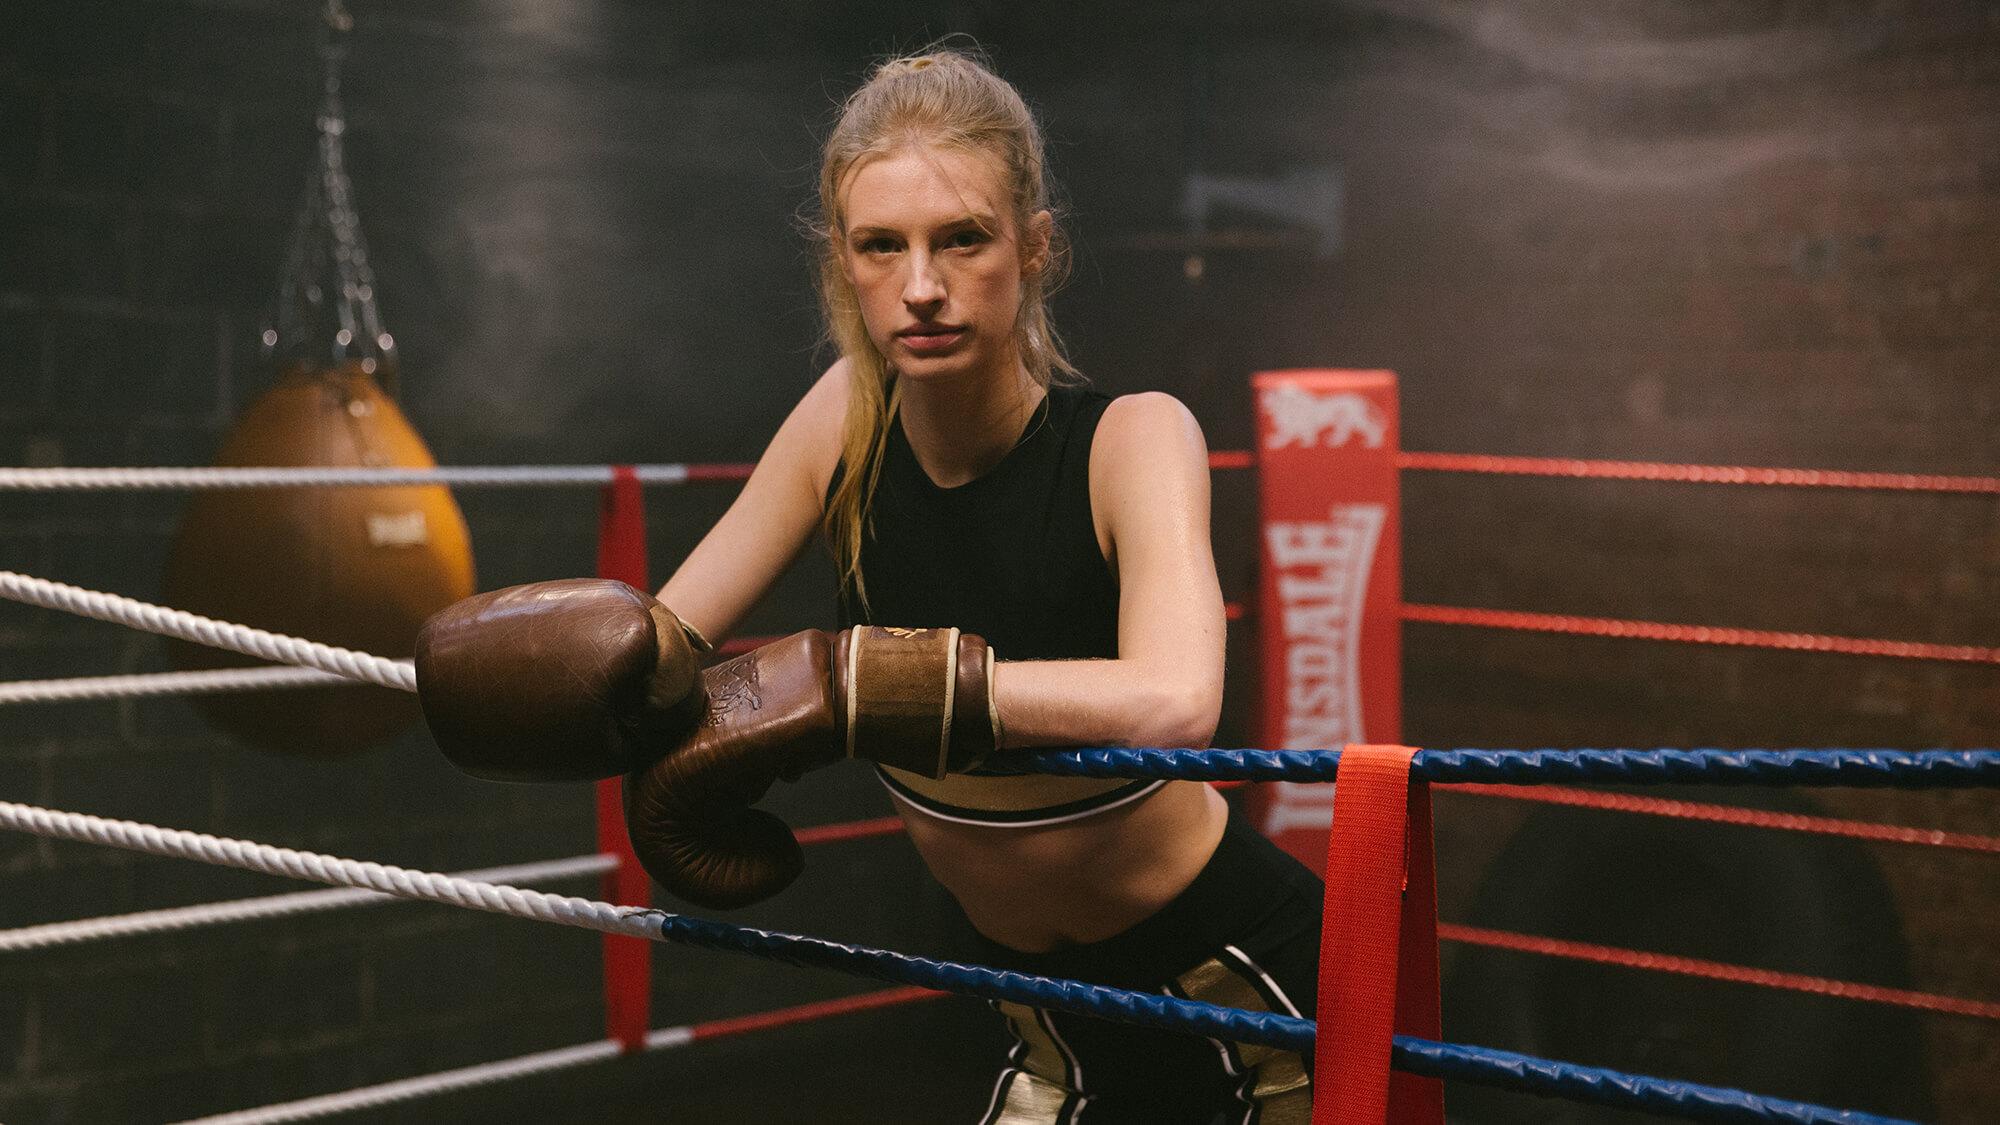 Harper's Bazaar - Fitness